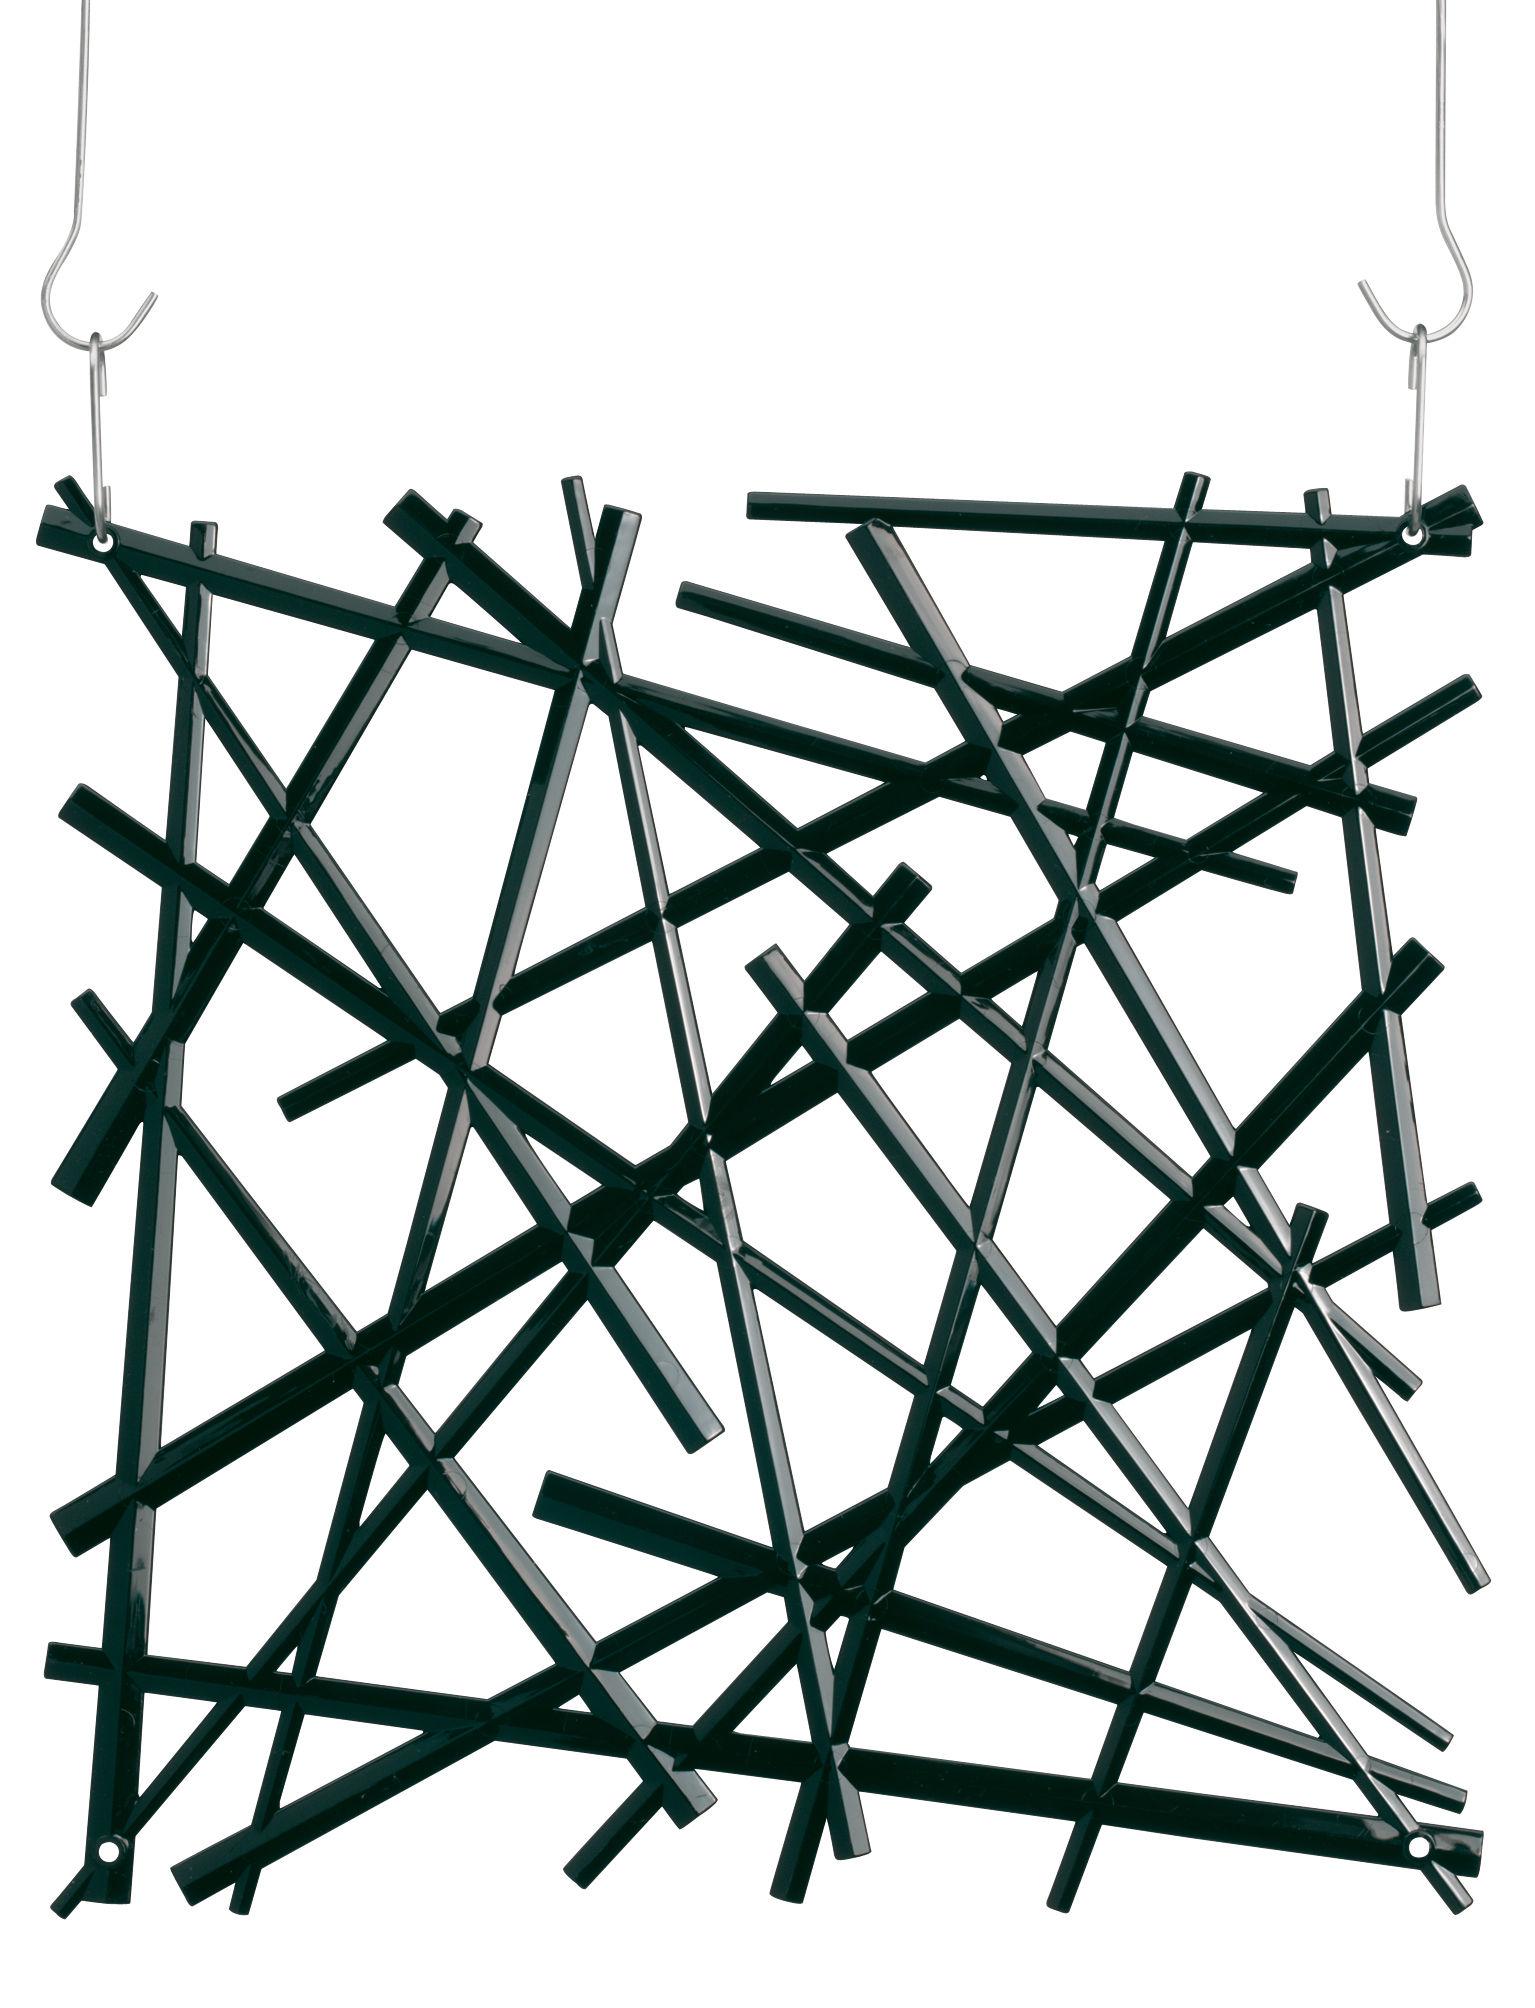 Möbel - Paravents, Raumteiler und Trennwände - Stixx Zwischenwand 4er-Set (inkl. 8 Haken) - Koziol - Opakschwarz - Polykarbonat